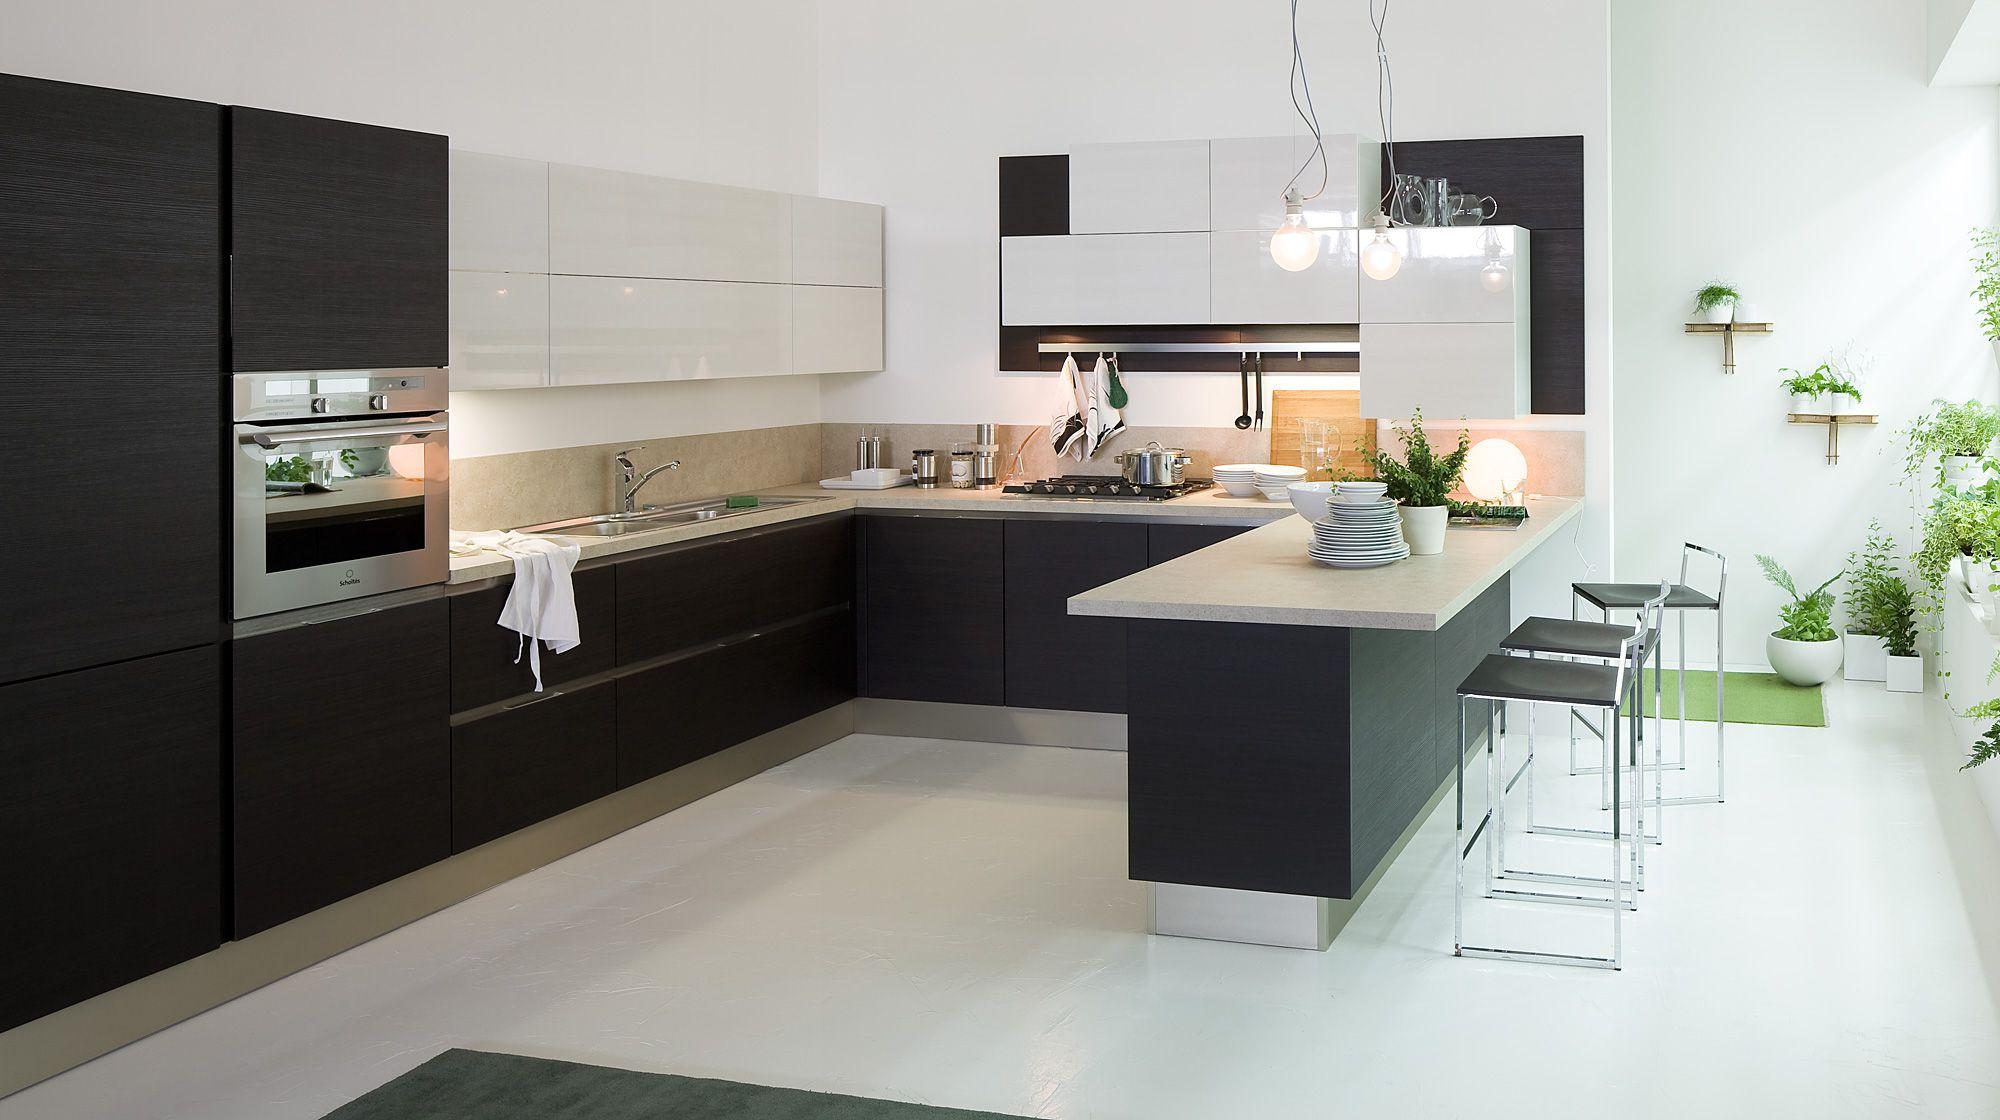 carrera go carrera modello storico di veneta cucine si rinnova e aggiunge la versione con. Black Bedroom Furniture Sets. Home Design Ideas